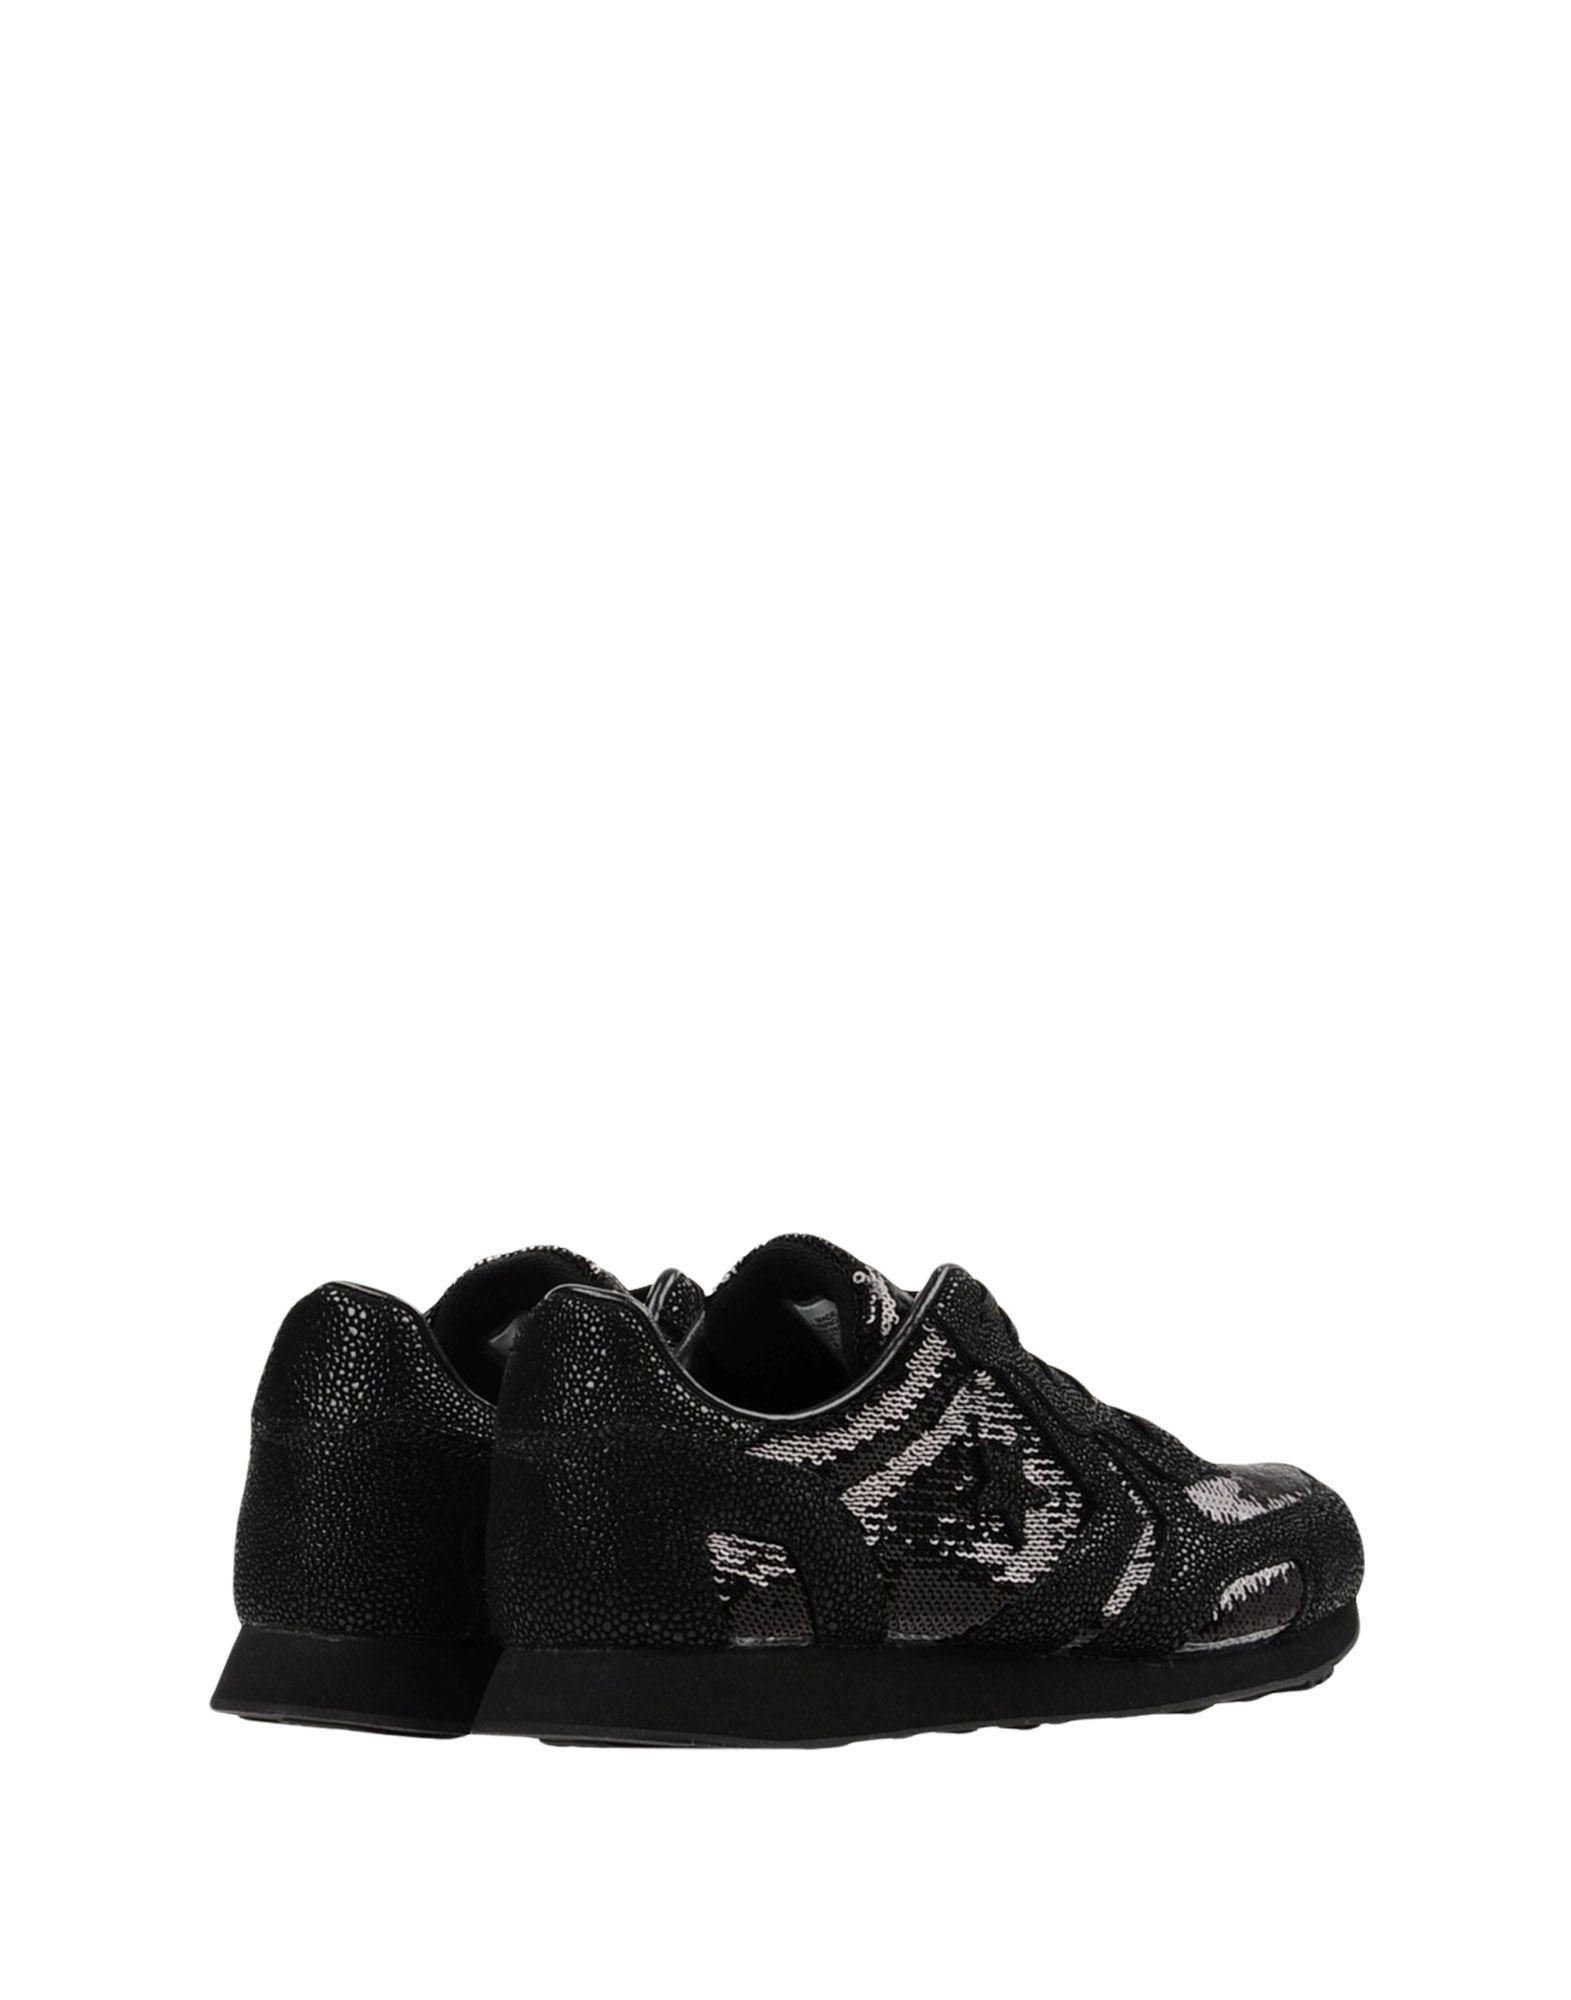 Converse Racer All Star Auckland Racer Converse Ox Sequins/Suede Print  11378127AN Gute Qualität beliebte Schuhe 33a566